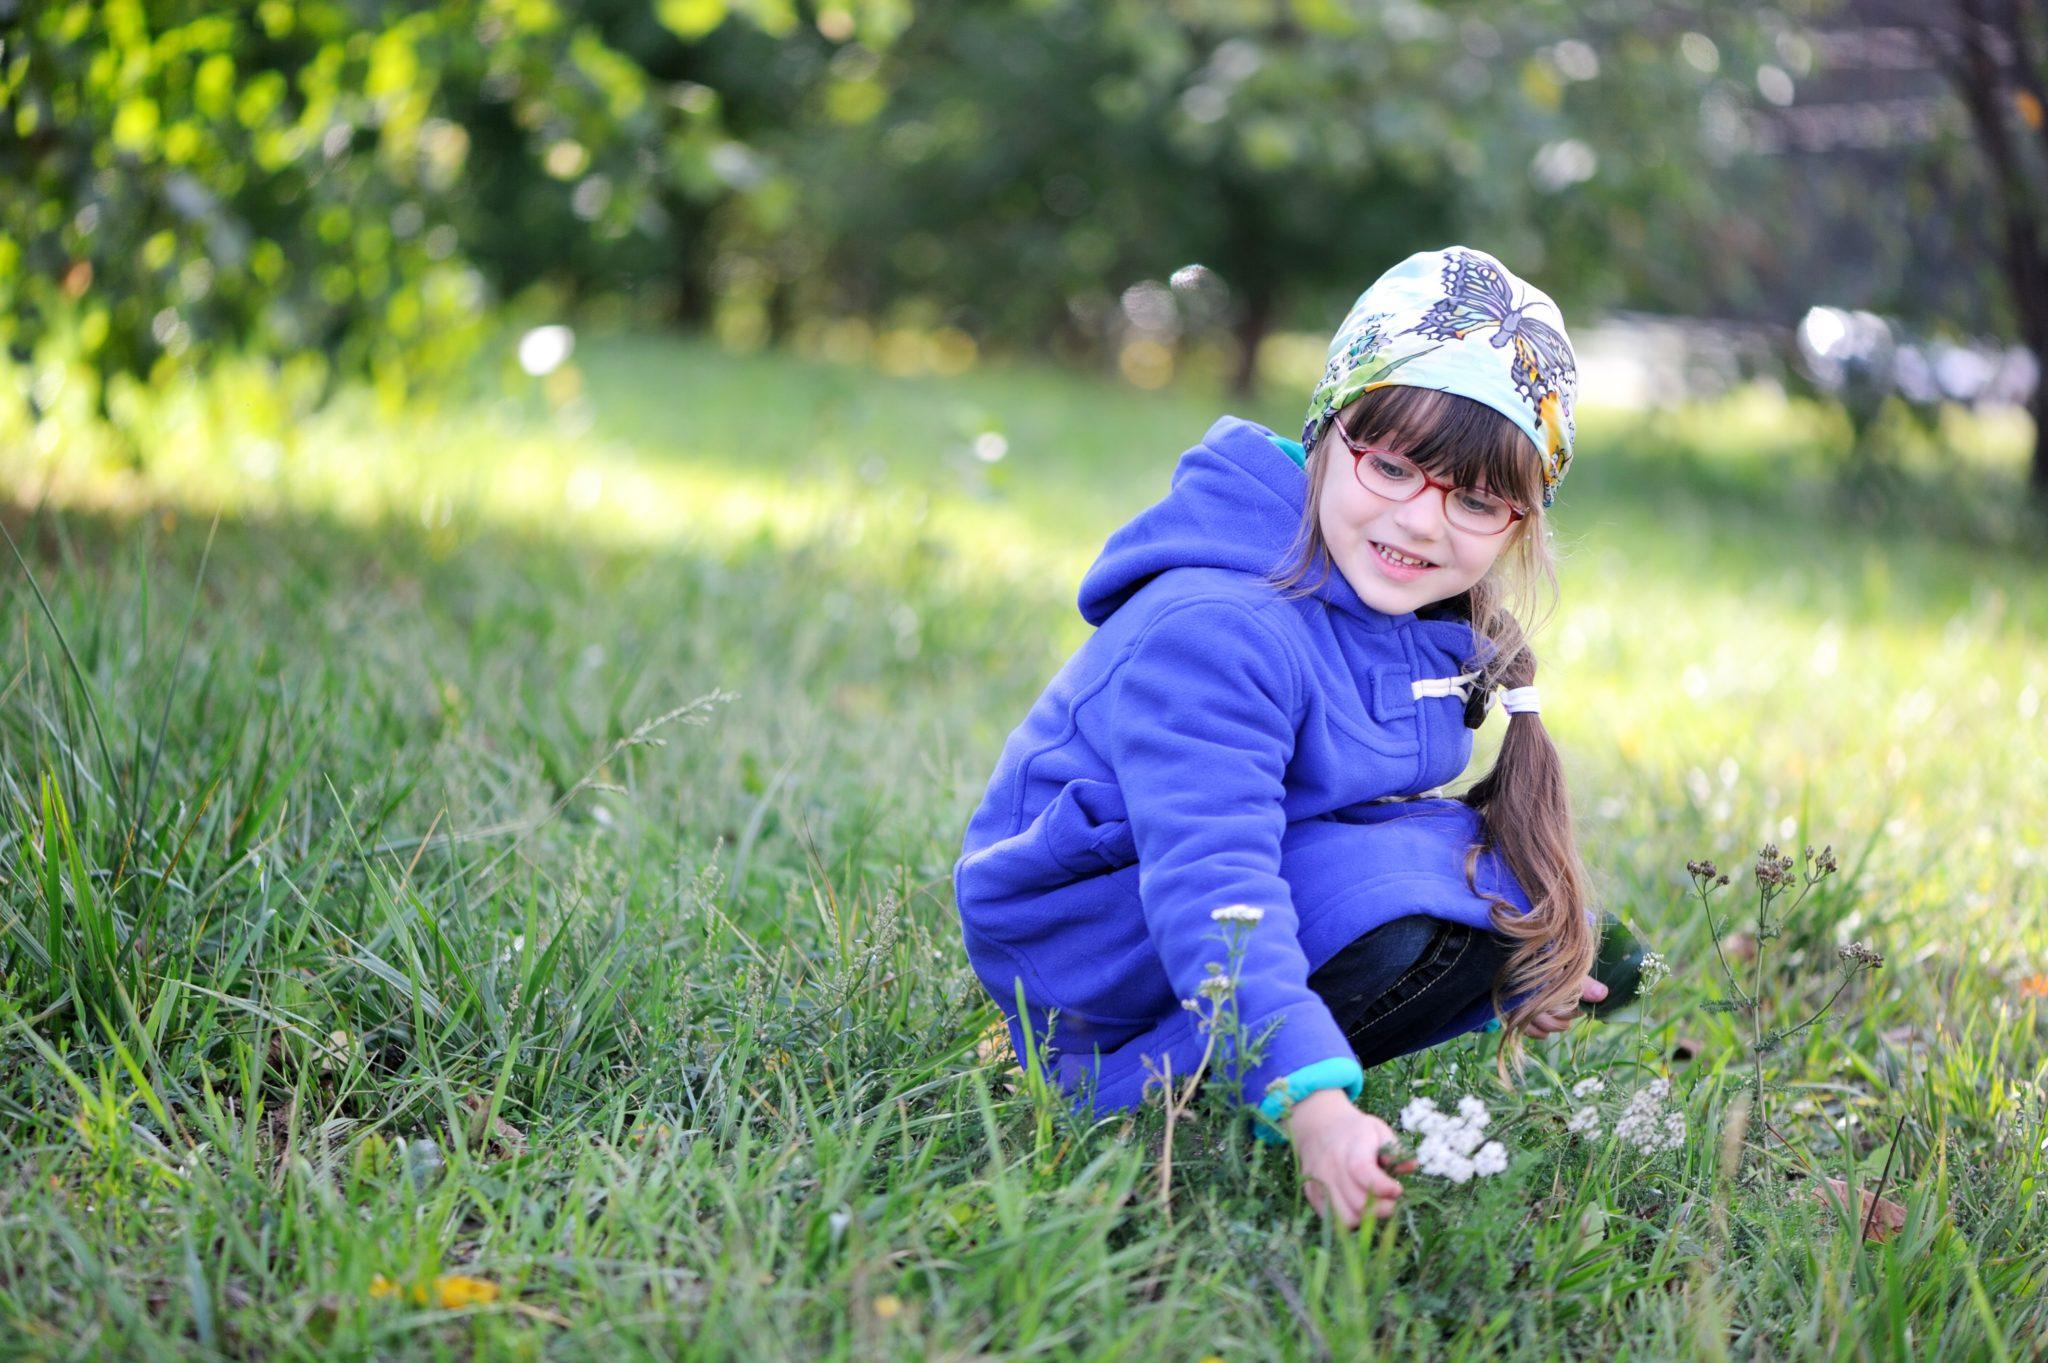 Little girl picking up flower.